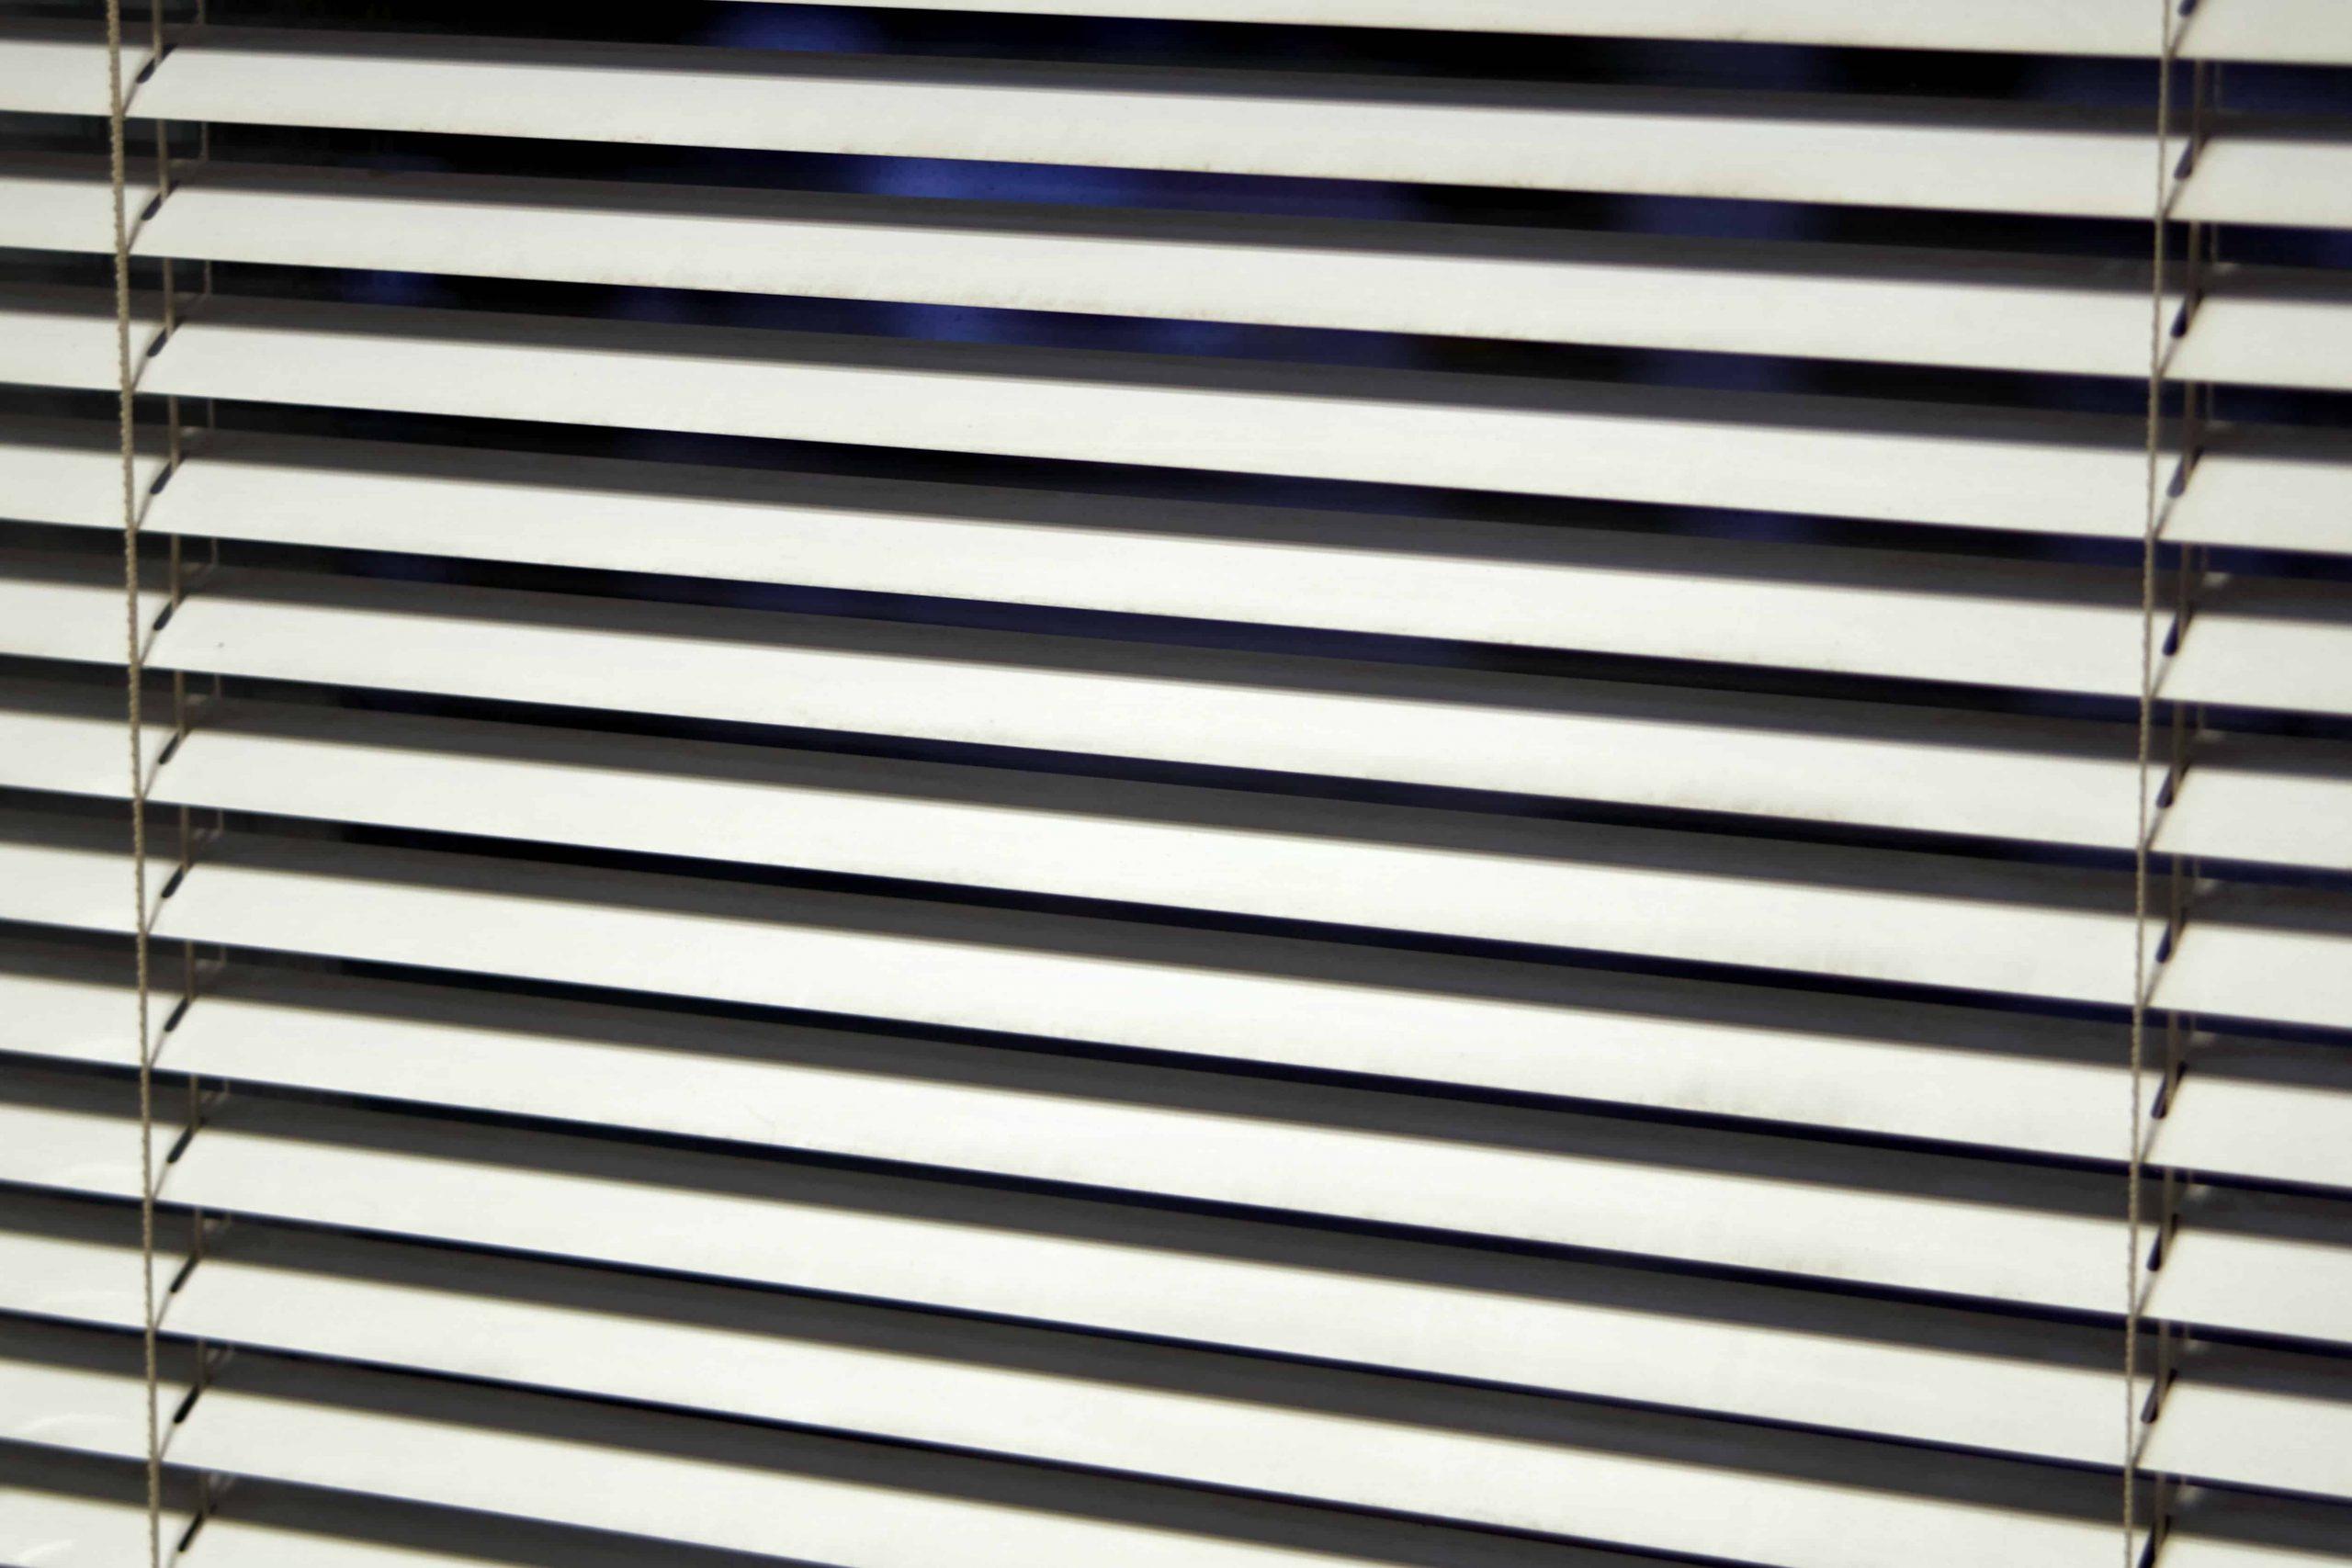 Full Size of Jalousie Innen Fenster Test Empfehlungen 05 20 Gartenbook Insektenschutzgitter De Rolladen Nachträglich Einbauen Mit Sprossen Maße Köln Rollos Wohnzimmer Jalousie Innen Fenster